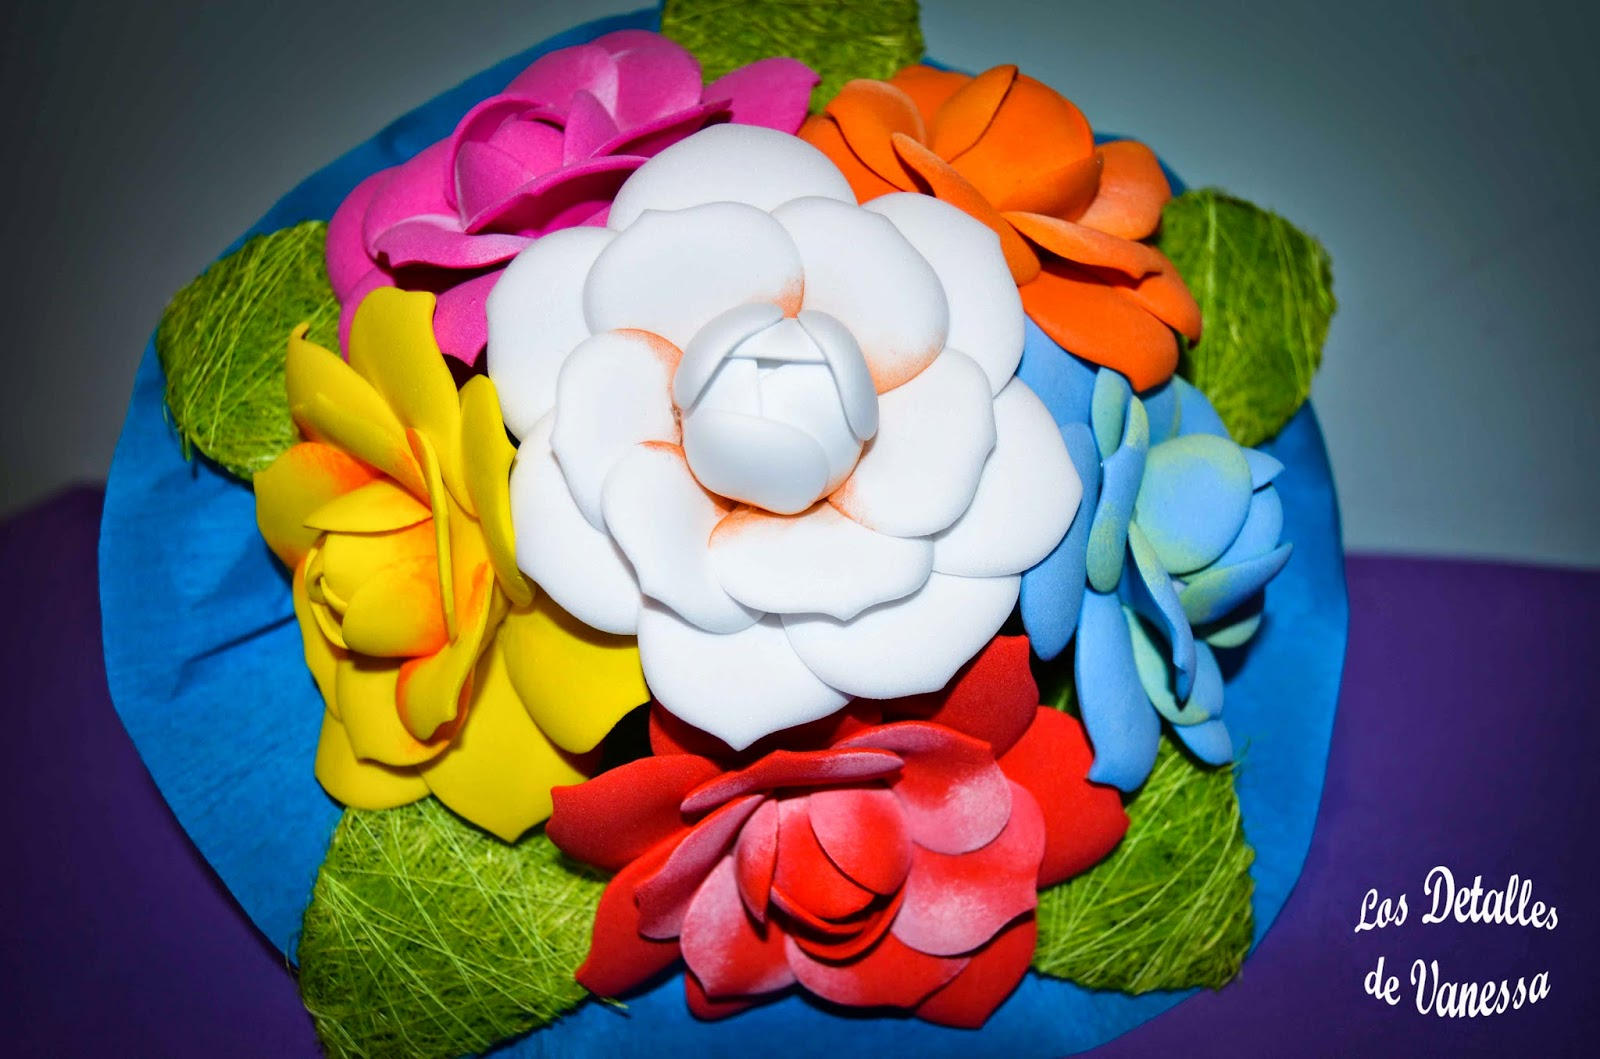 Los detalles de vanessa ramo de flores en goma eva - Detalles goma eva ...